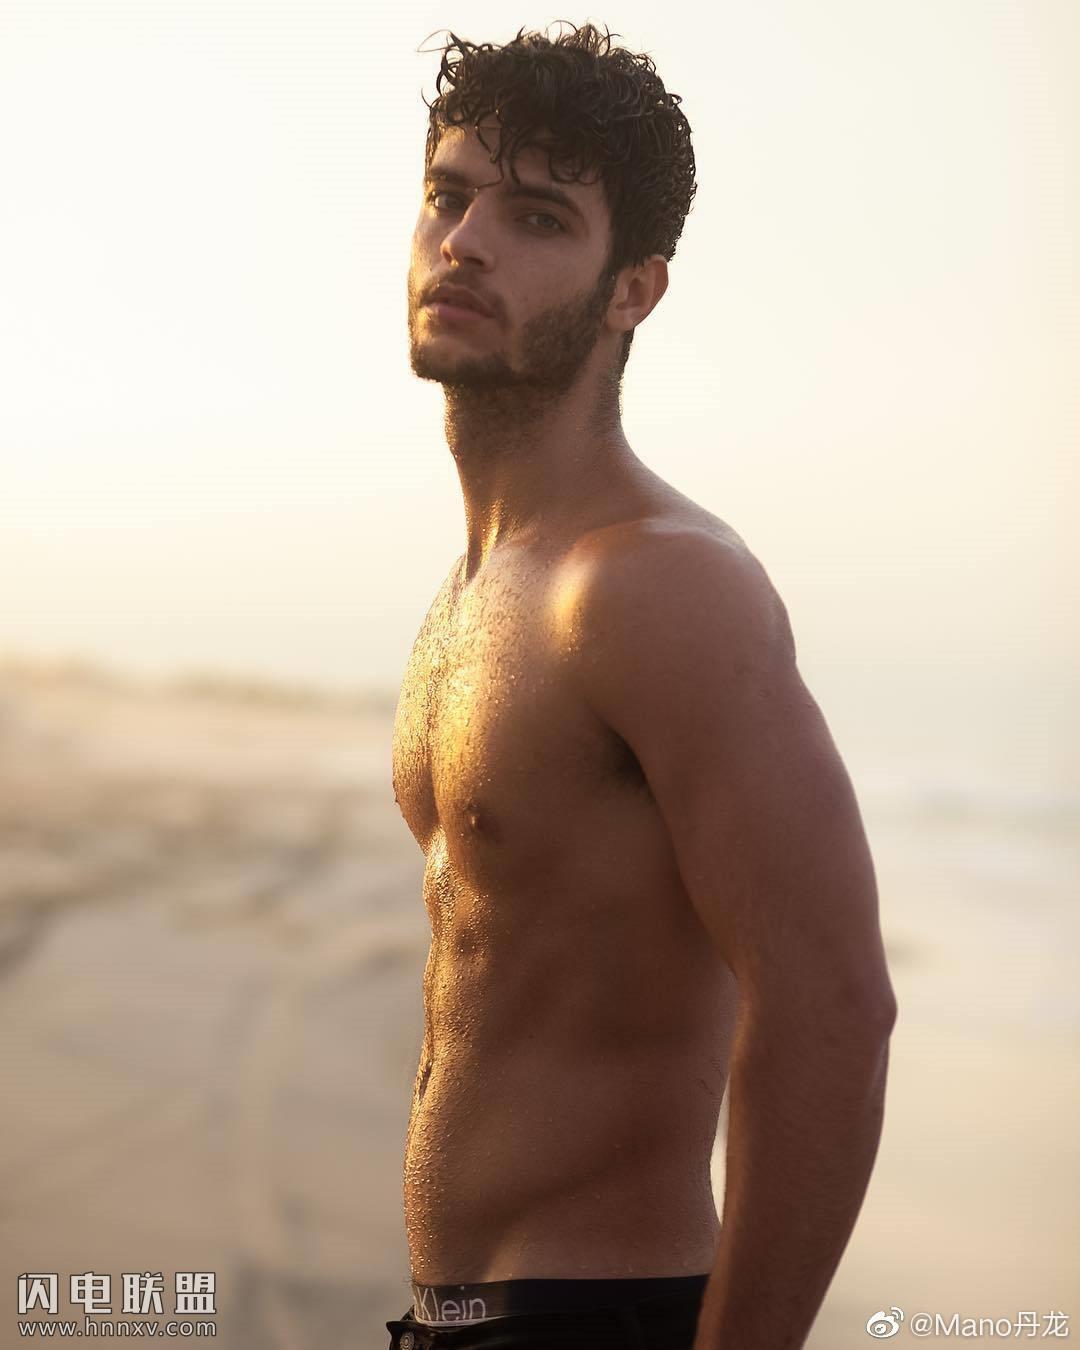 欧美肌肉男模帅哥海边性感文艺内裤写真第6张